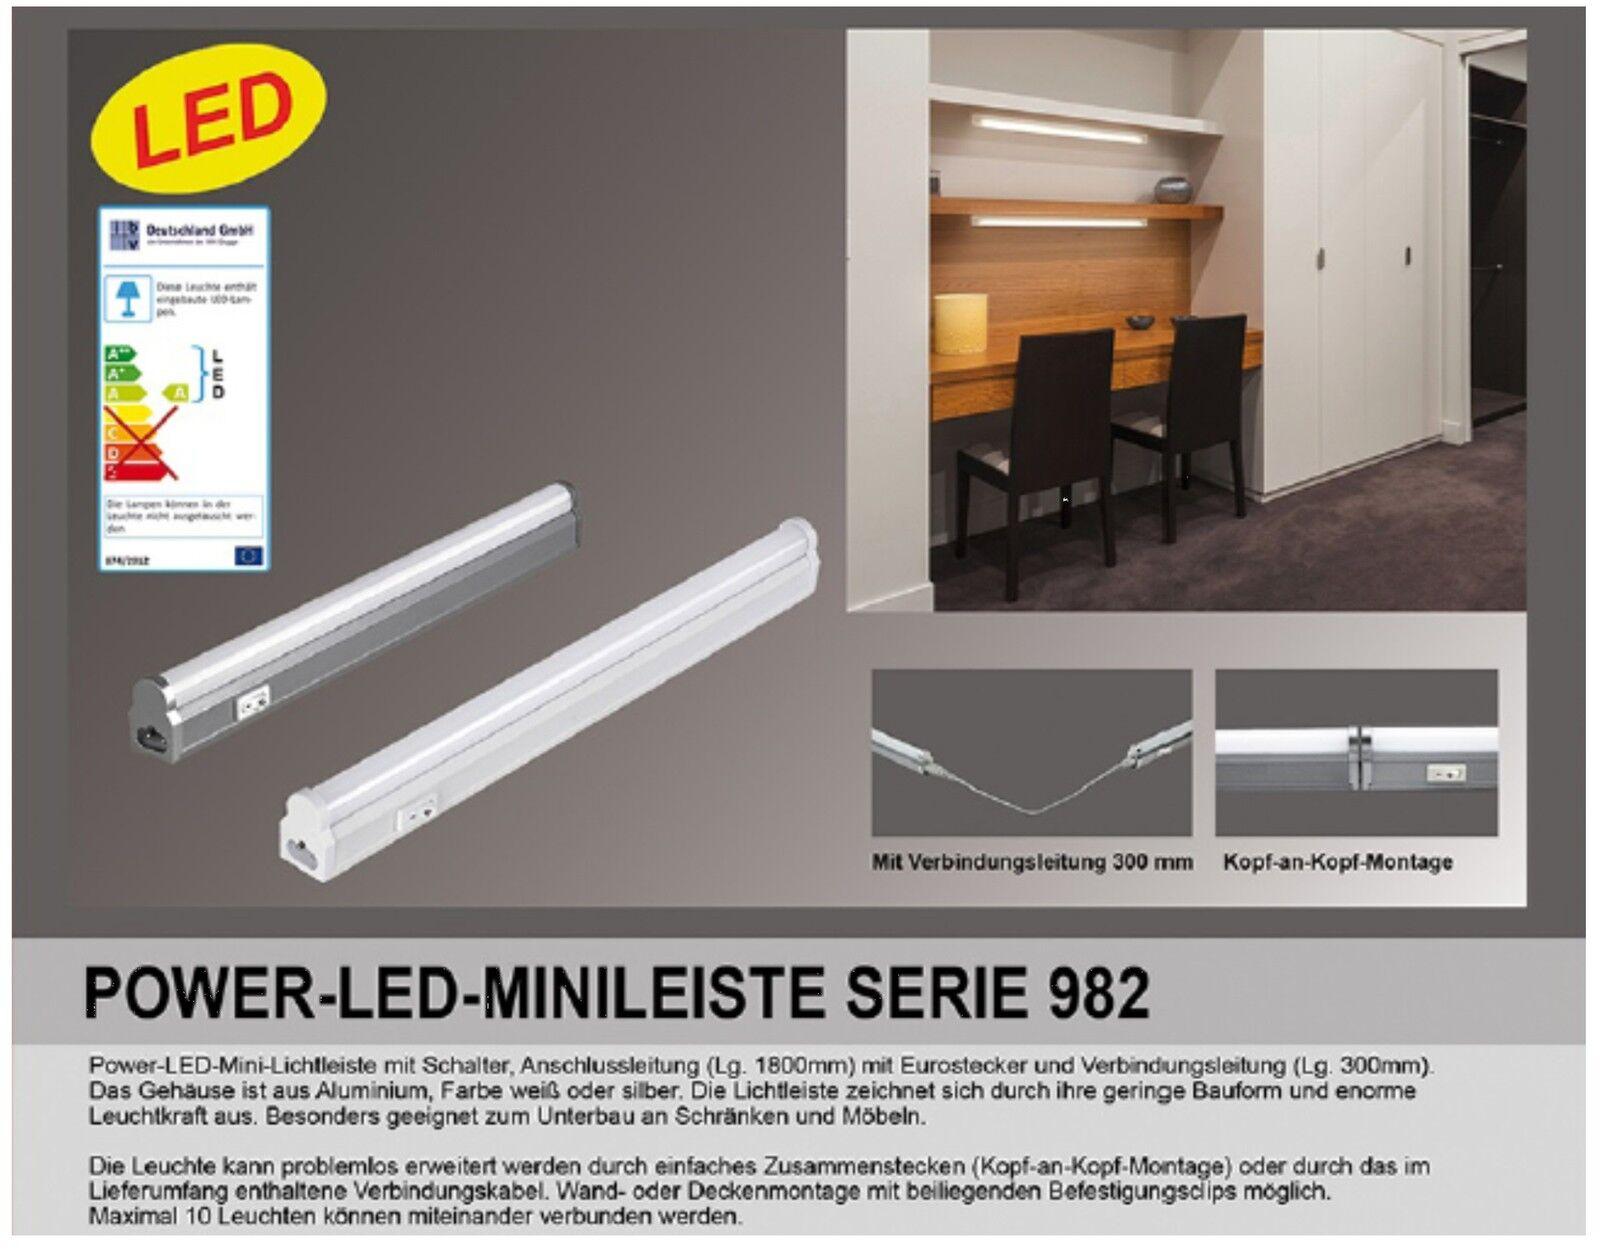 Unterbauleuchte-LED-87cm-Alu-Kuche-Lichtleiste-Mini-fur-_57 Erstaunlich Unterbauleuchte Led Mit Steckdose Dekorationen